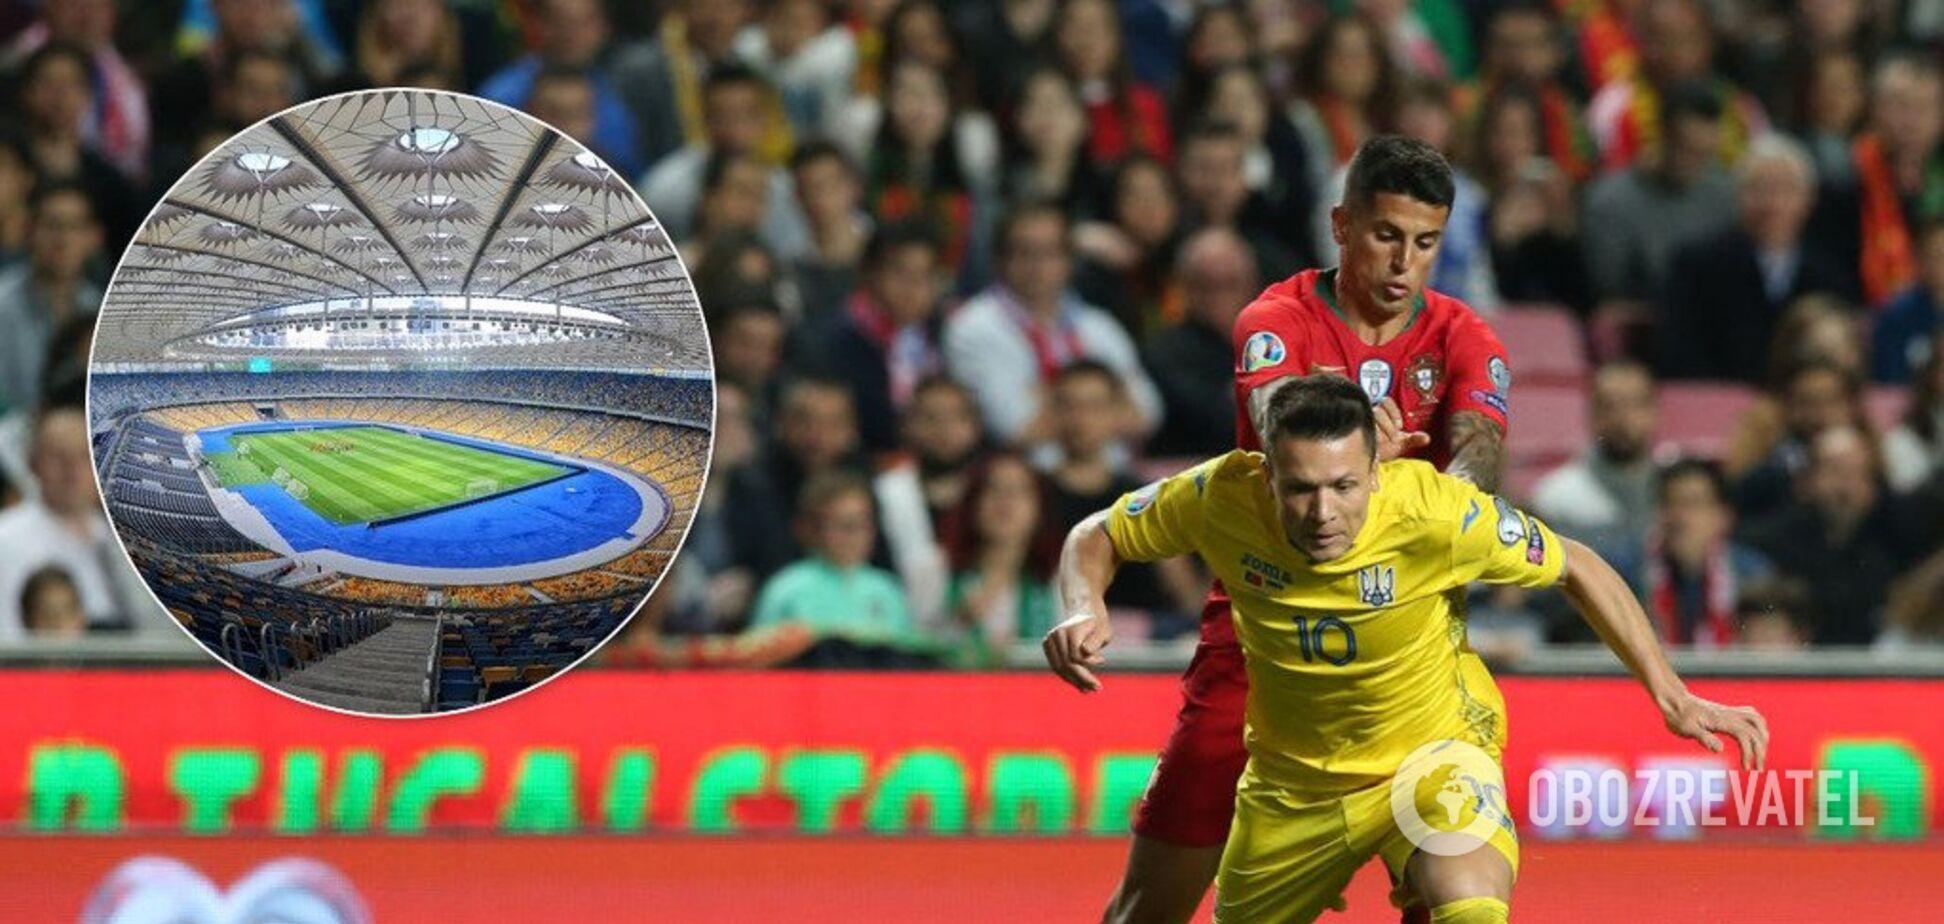 Україна – Португалія: продаж квитків на матч відбору Євро-2020 викликав серйозні розбірки